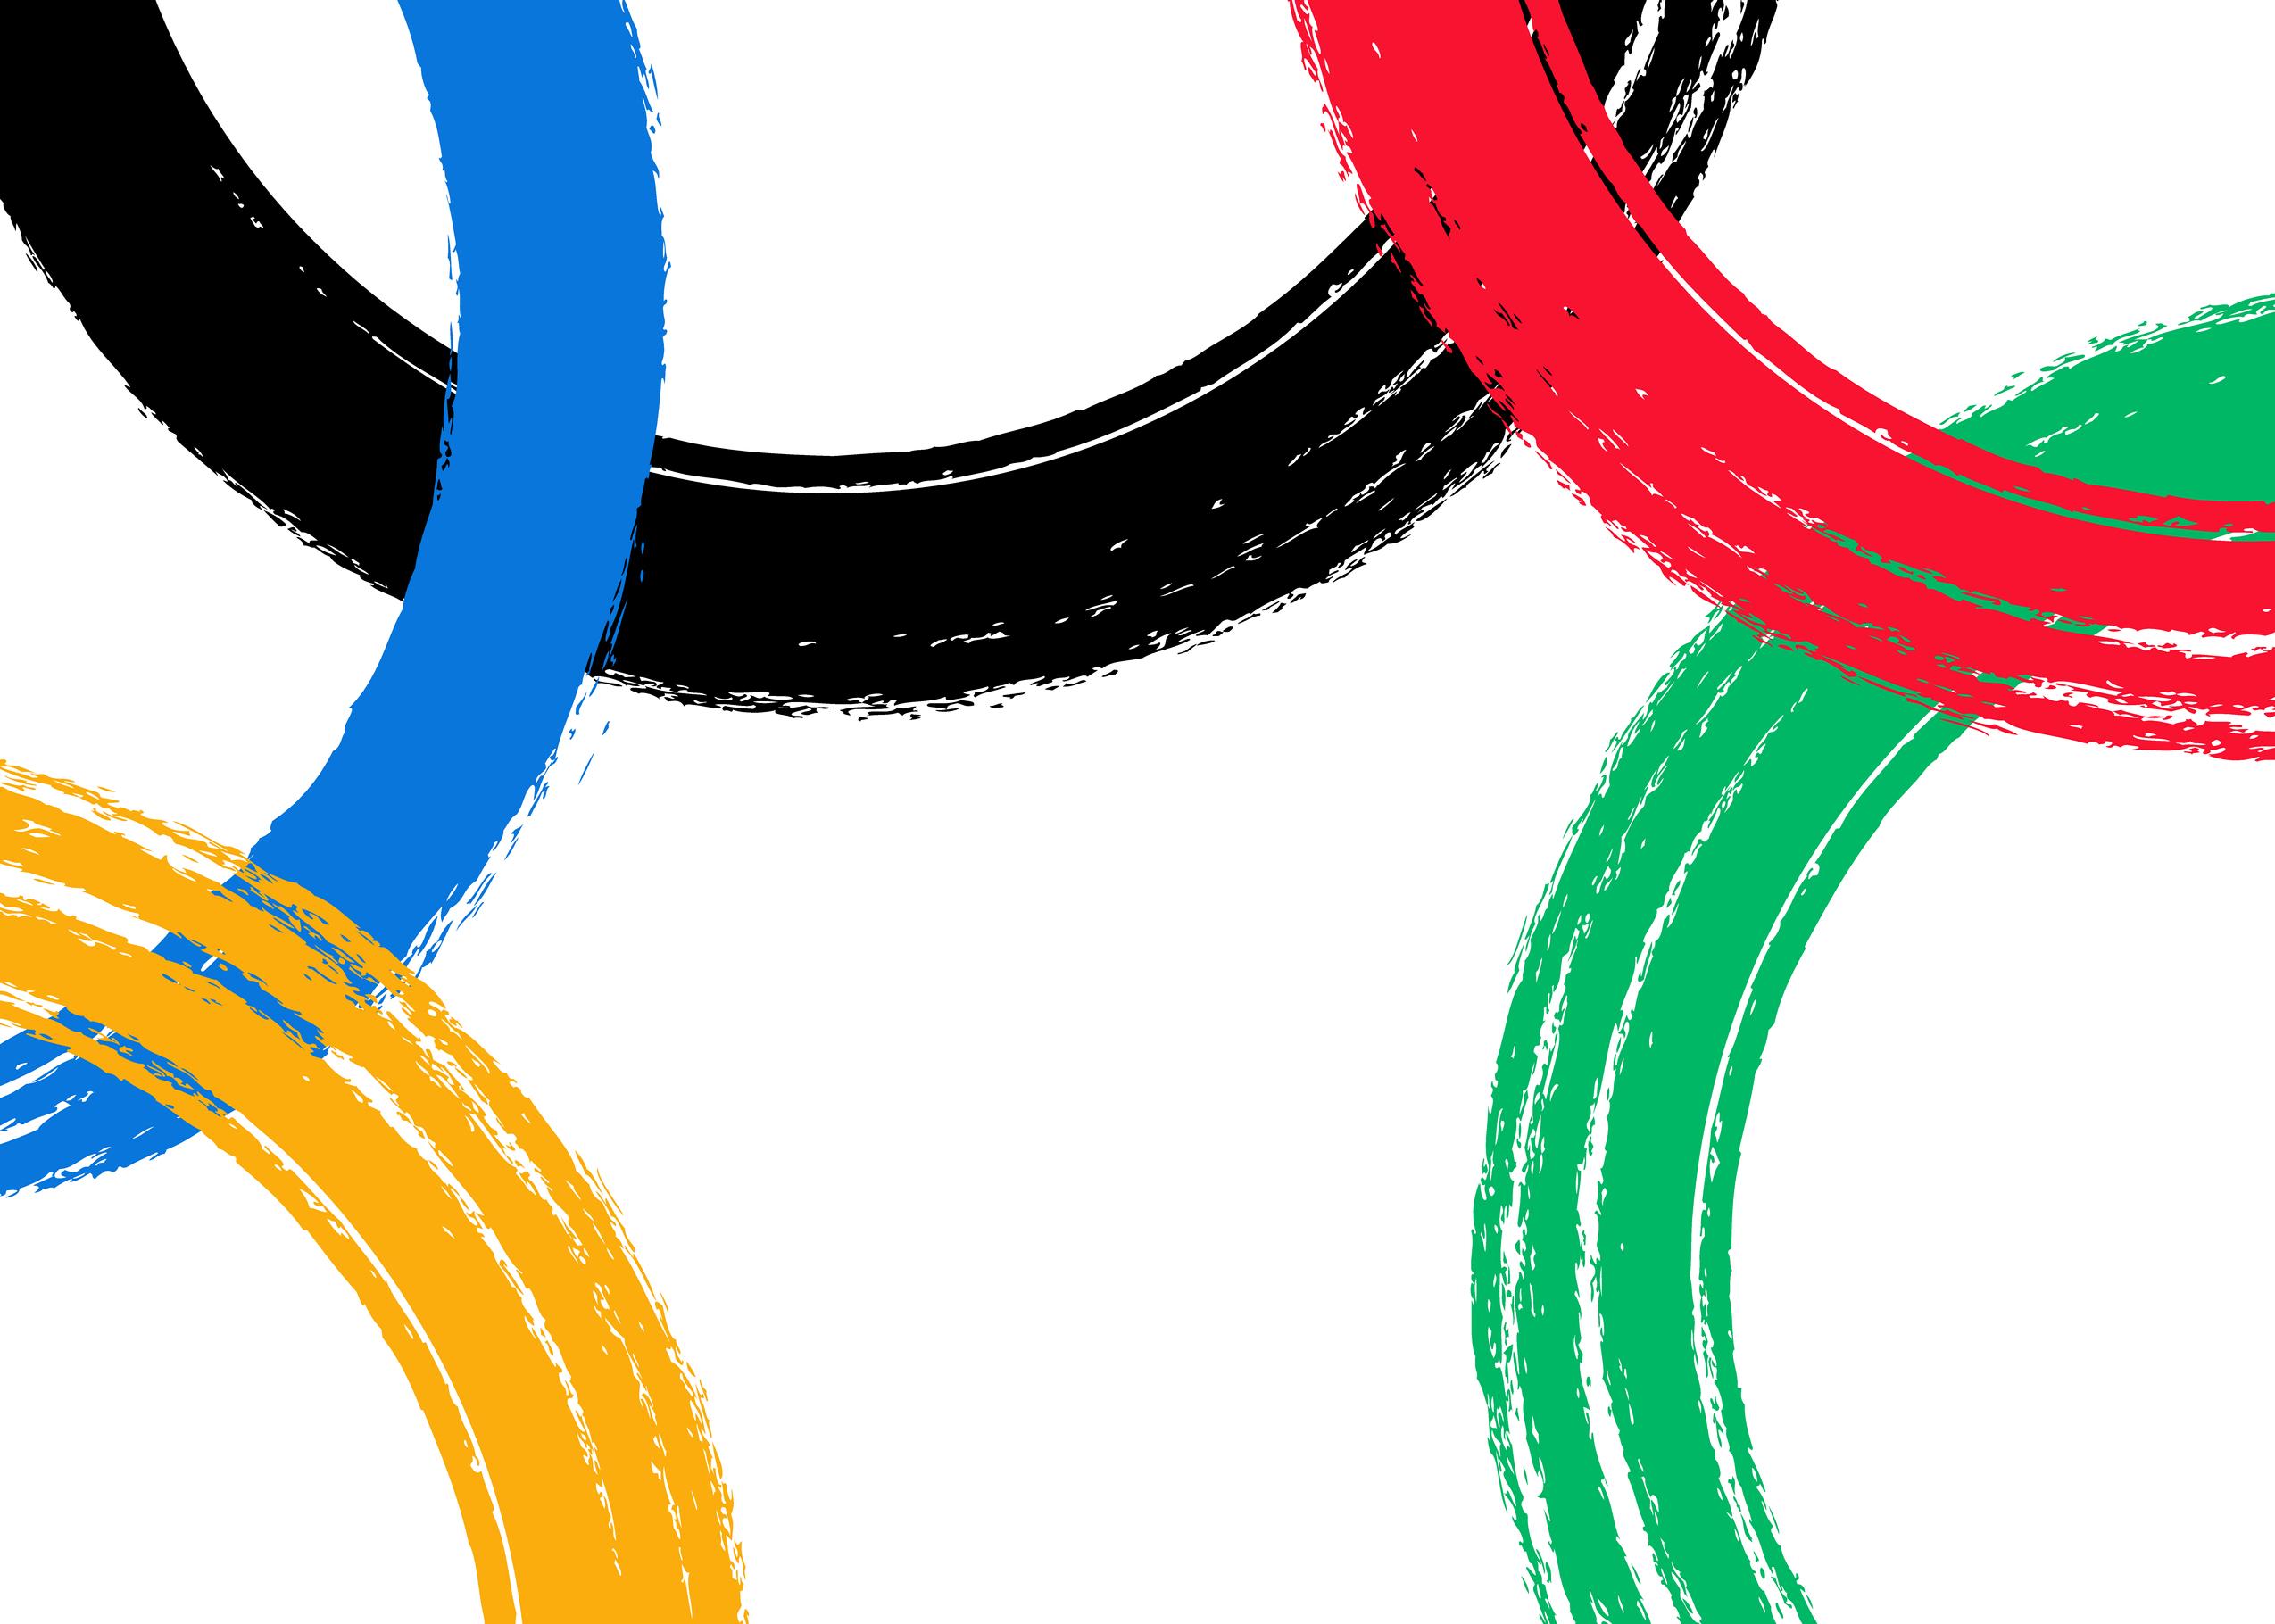 【五輪マメ知識】東京五輪が行われる来年までに通になれる!?